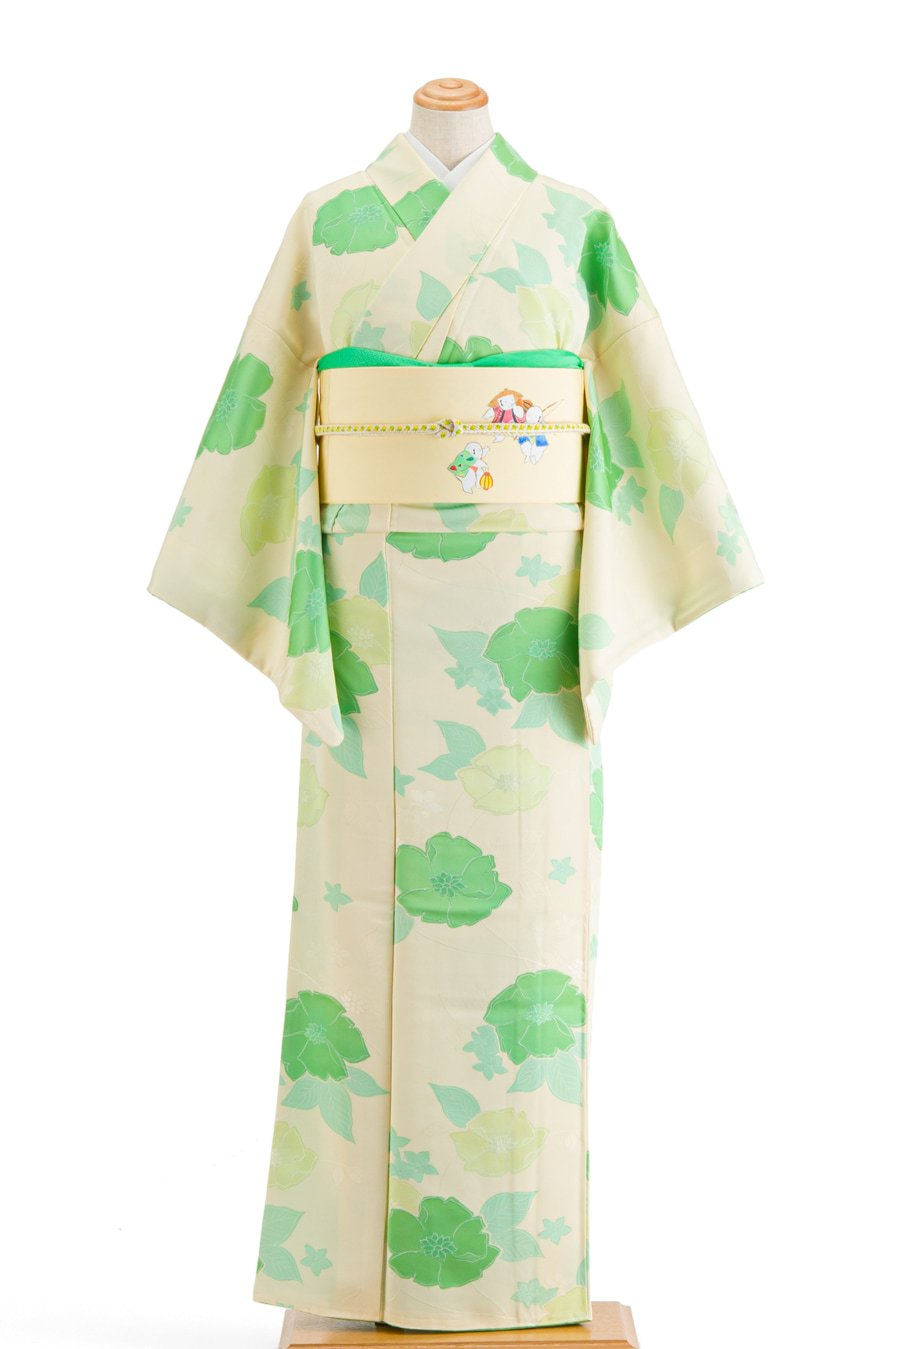 「グリーンとライムイエローの花」の商品画像